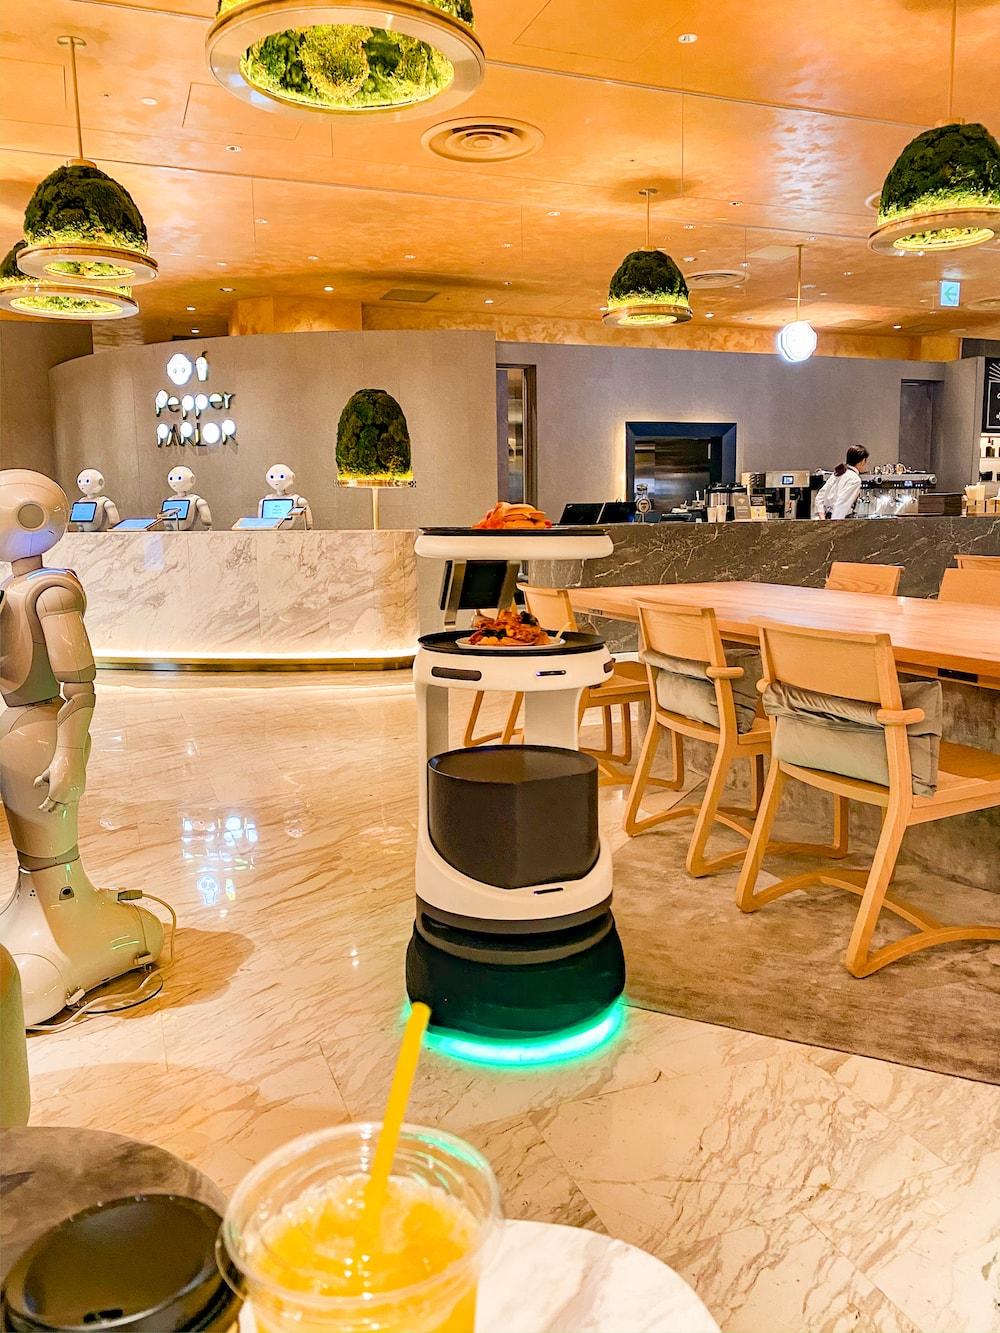 機器人咖啡廳「Pepper PARLOR」內前來送餐的機器人